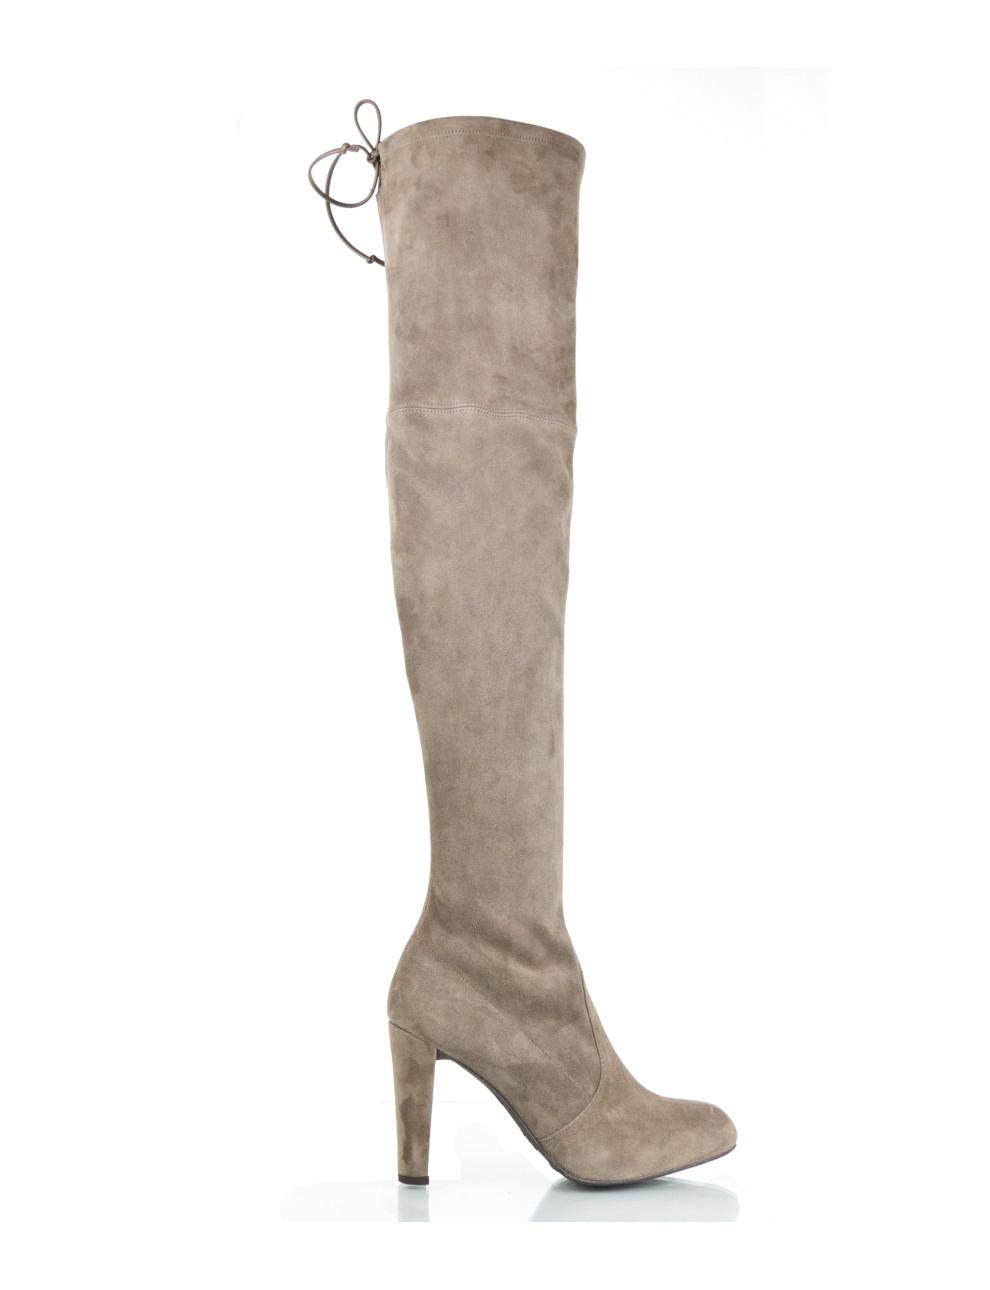 Women's Boots   Buy Designer Boots for Women Online   David Jones